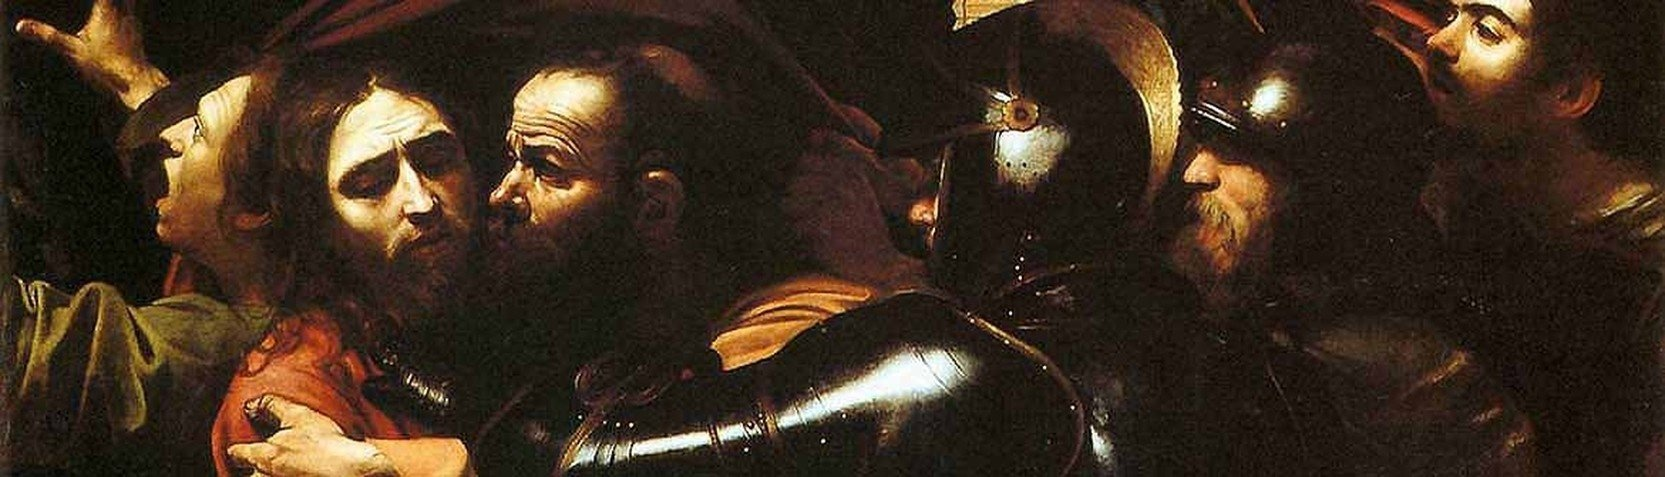 Artyści - A-Z - Michelangelo Caravaggio